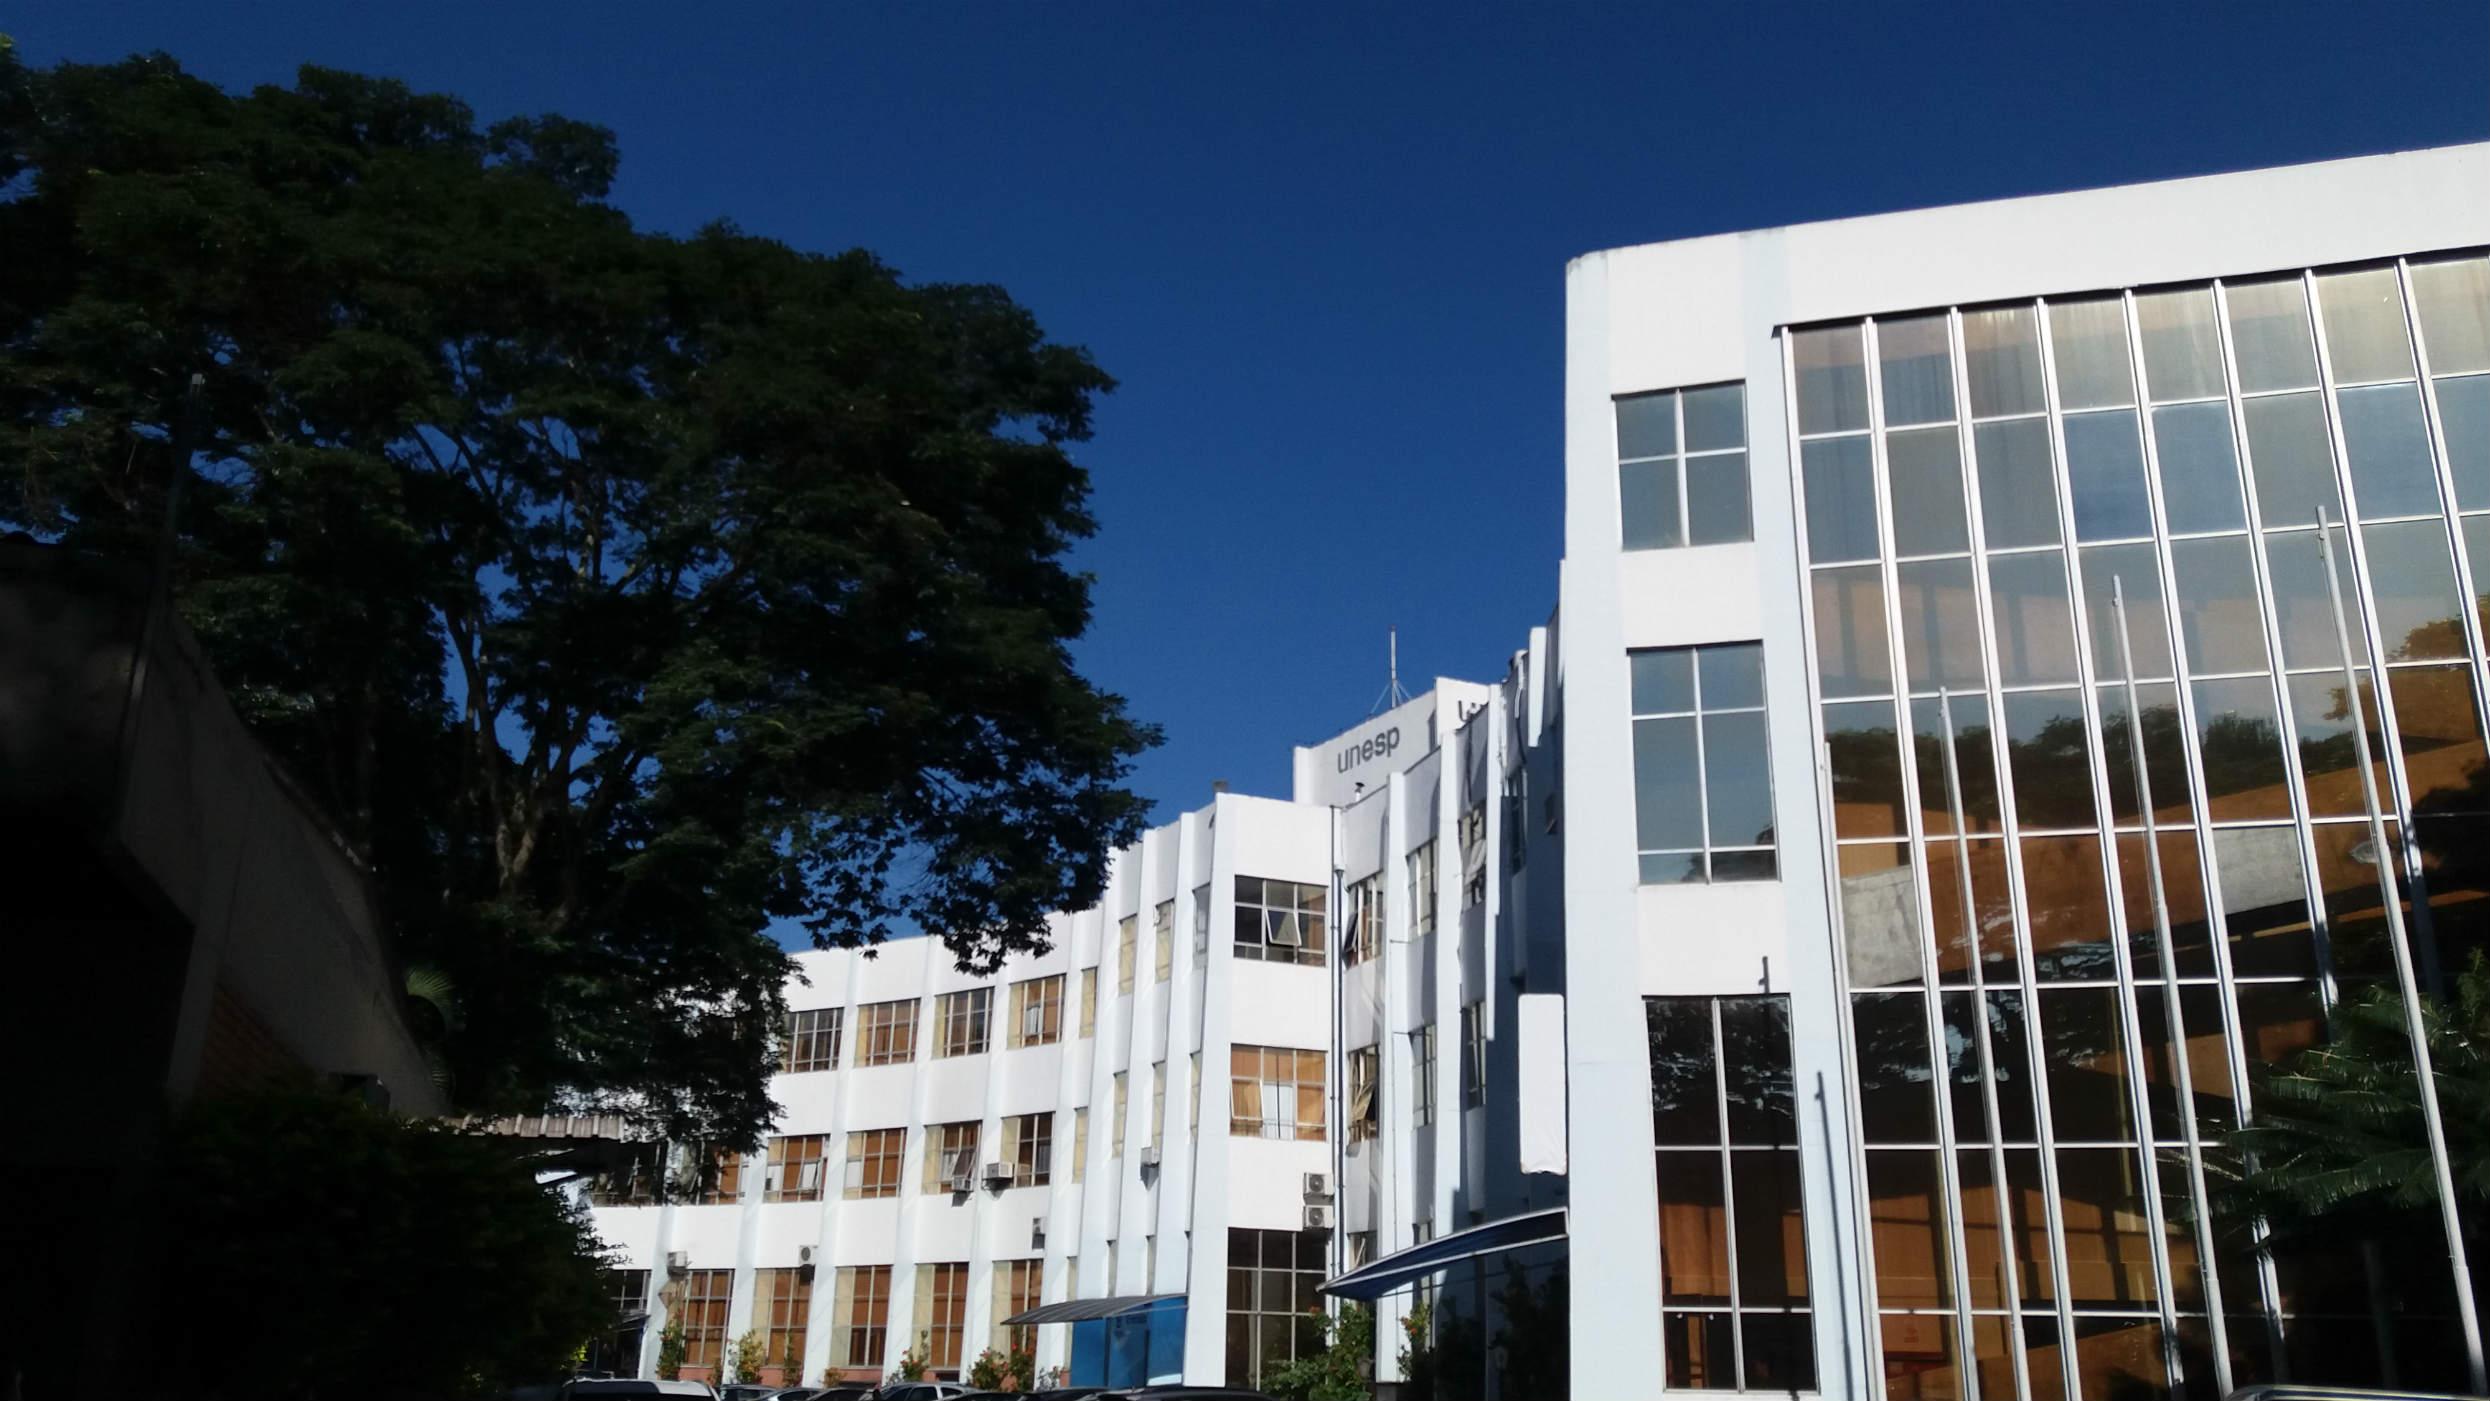 Unesp - fachada